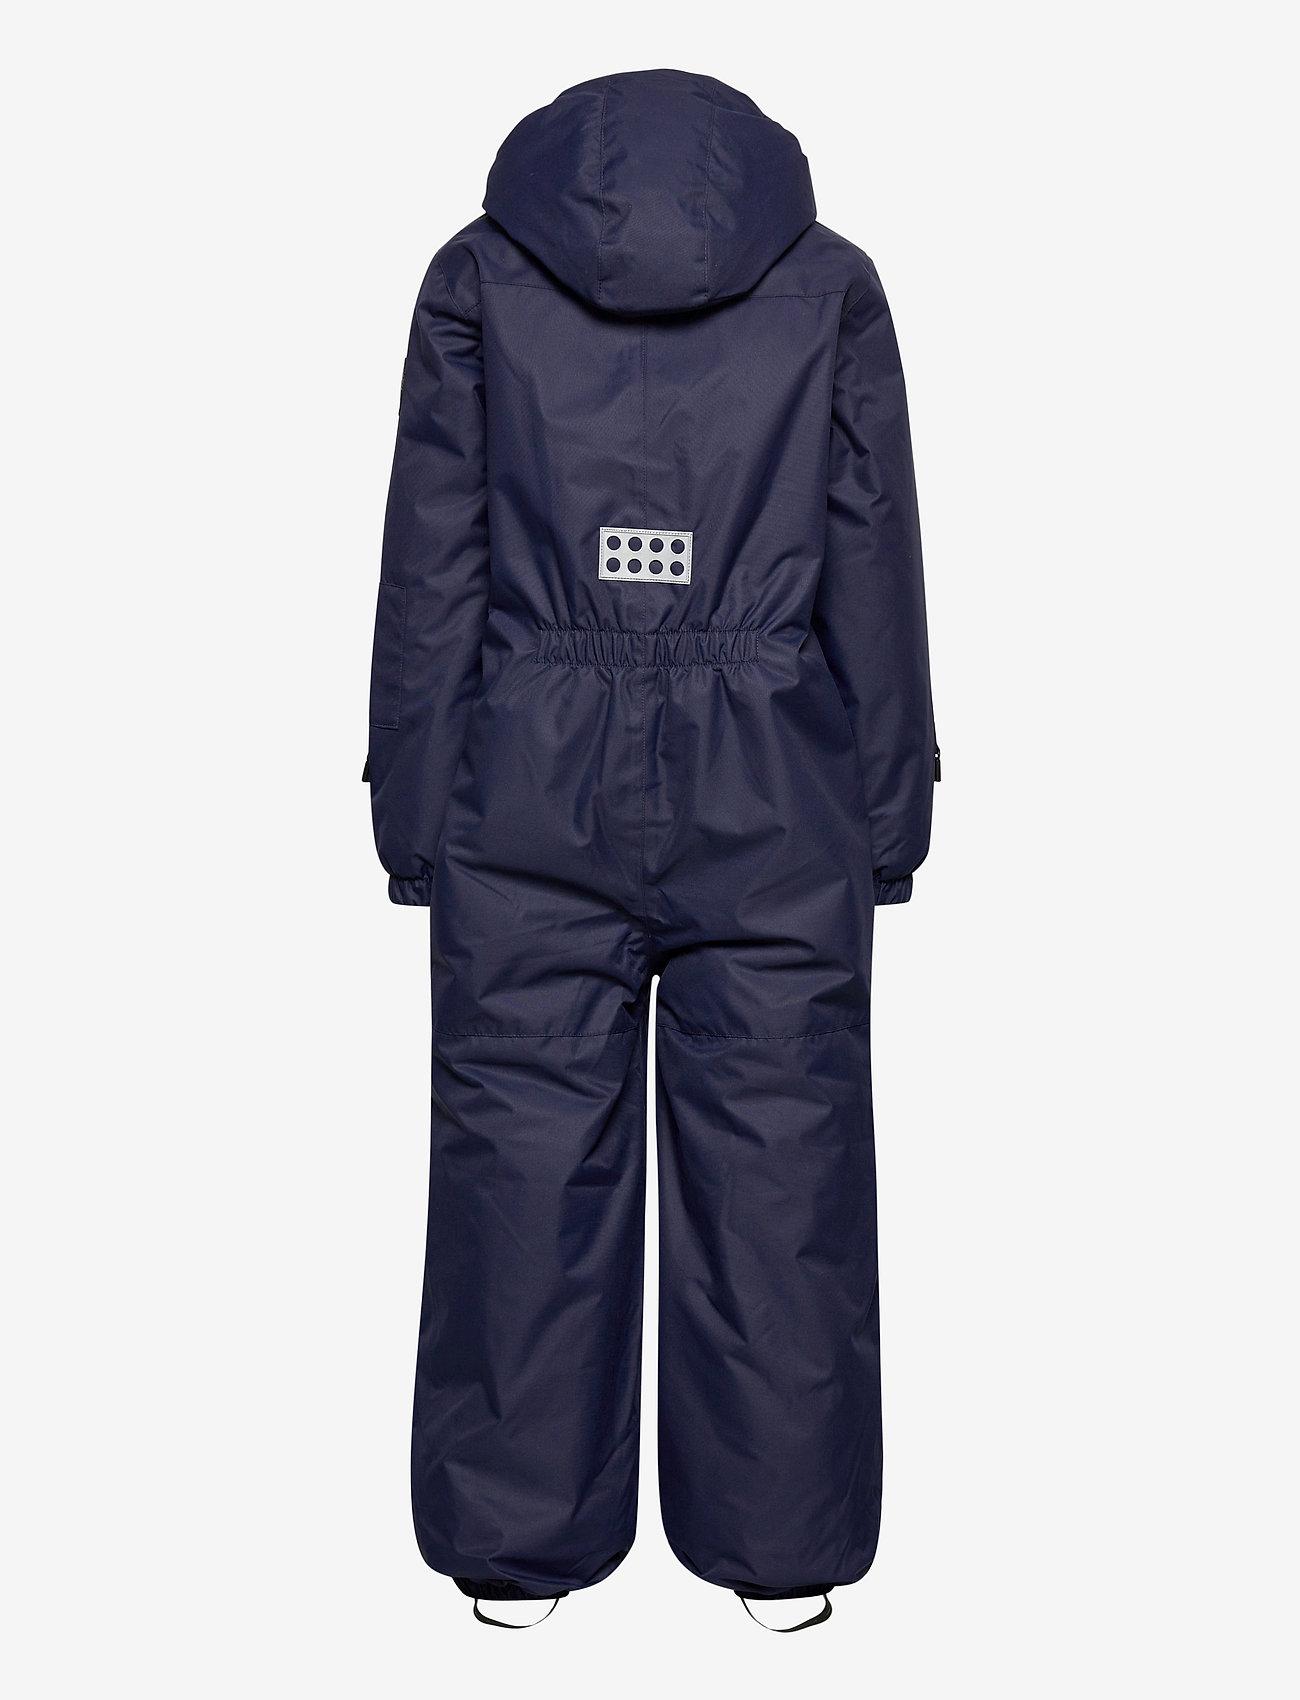 Lego wear - LWJIPE 703 - SNOWSUIT - snowsuit - dark navy - 1